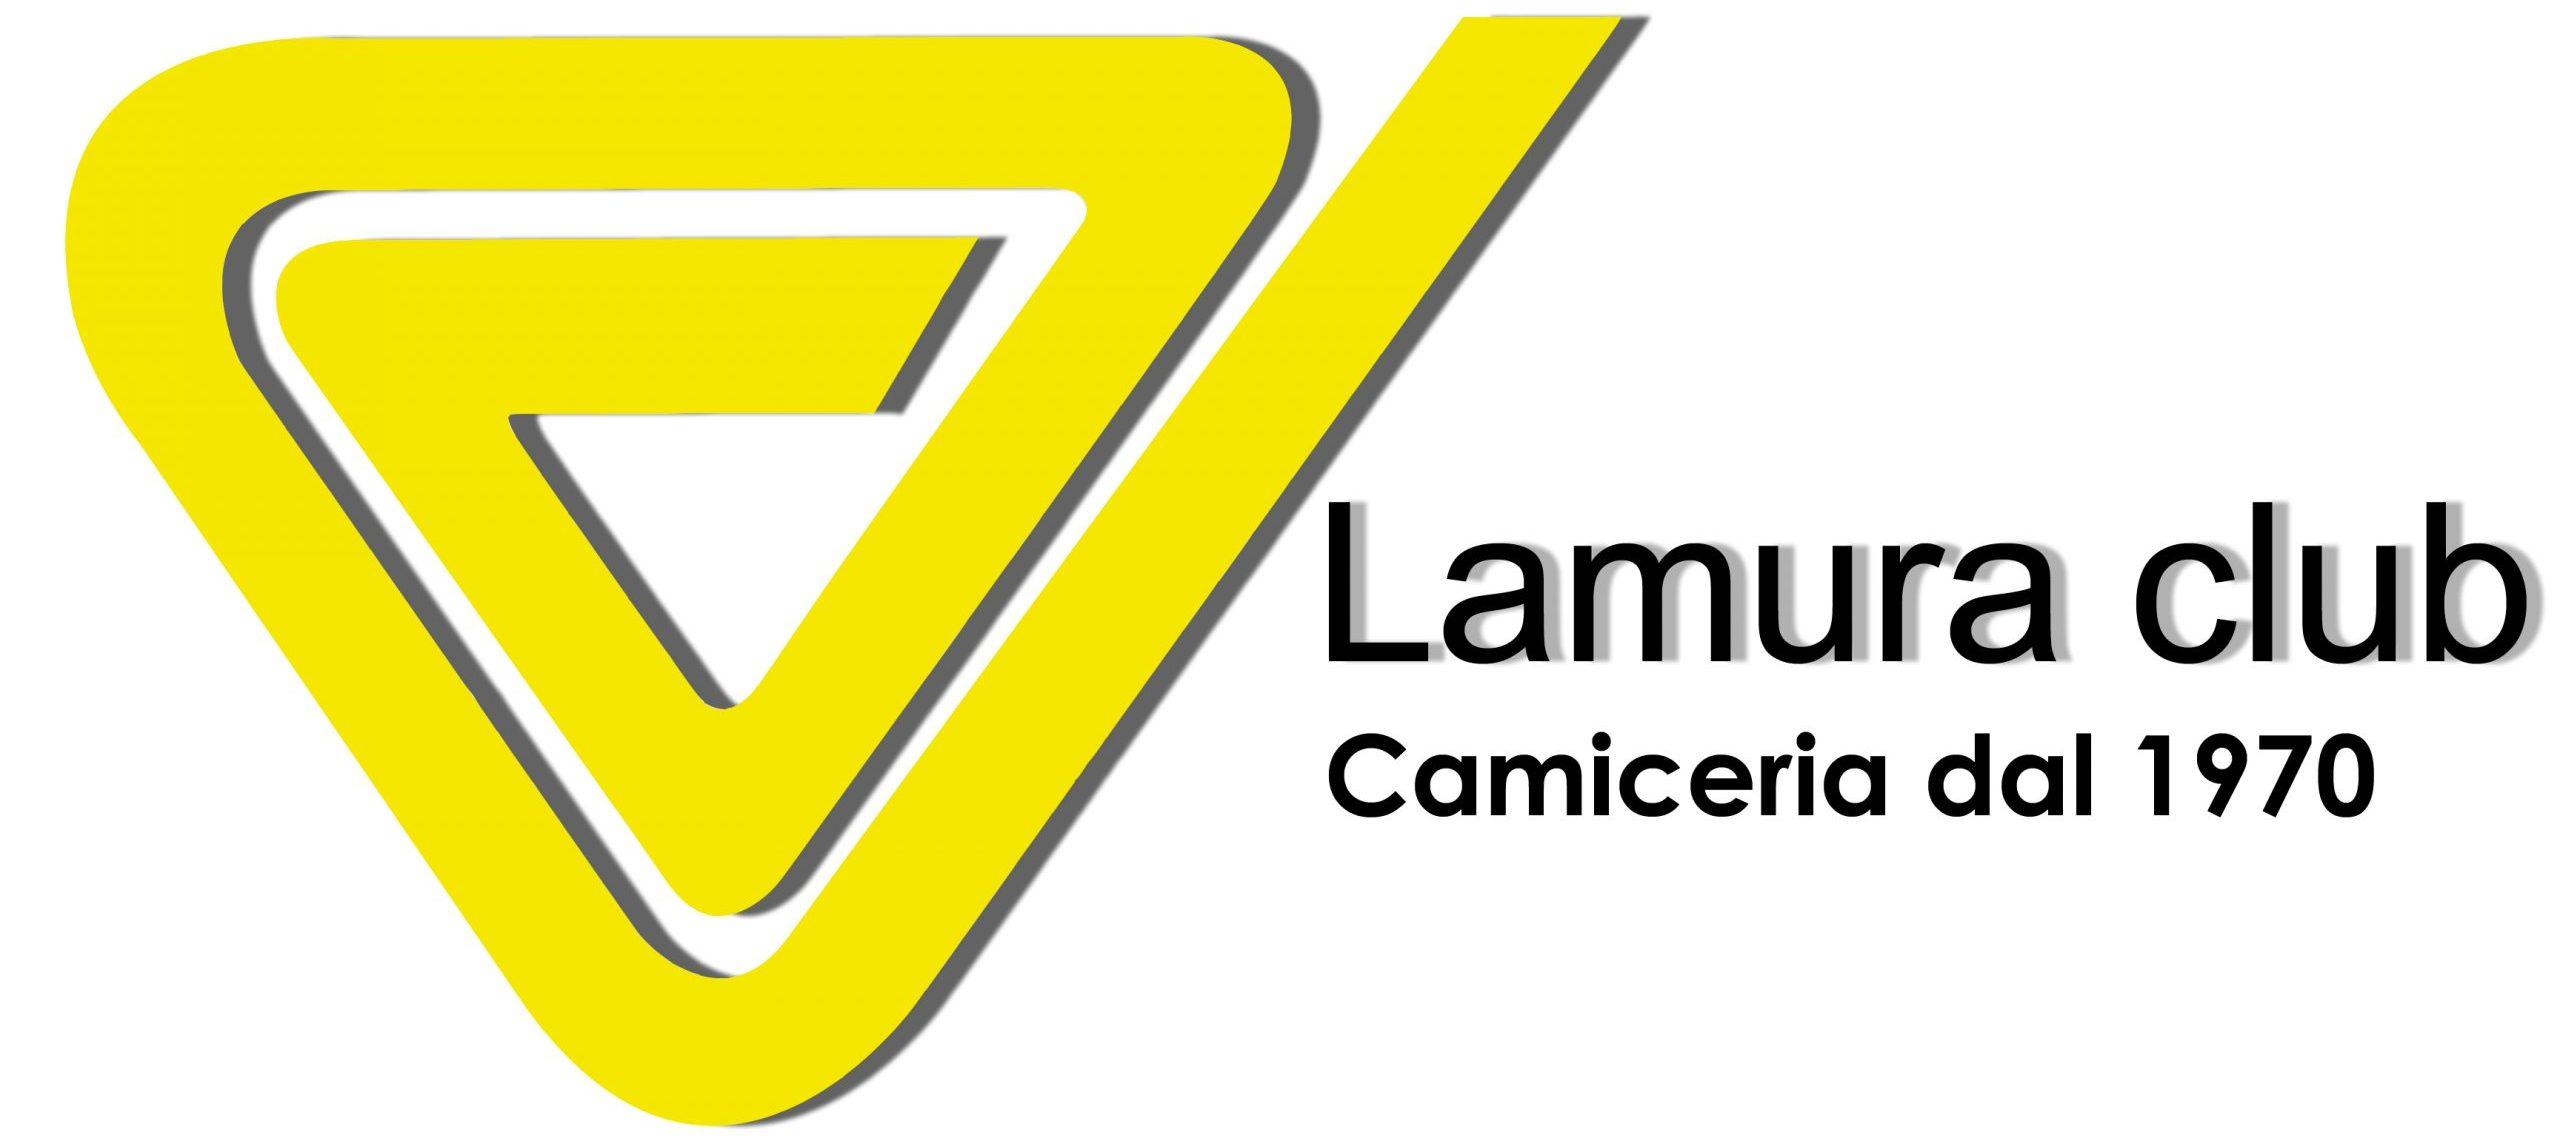 Lamura club